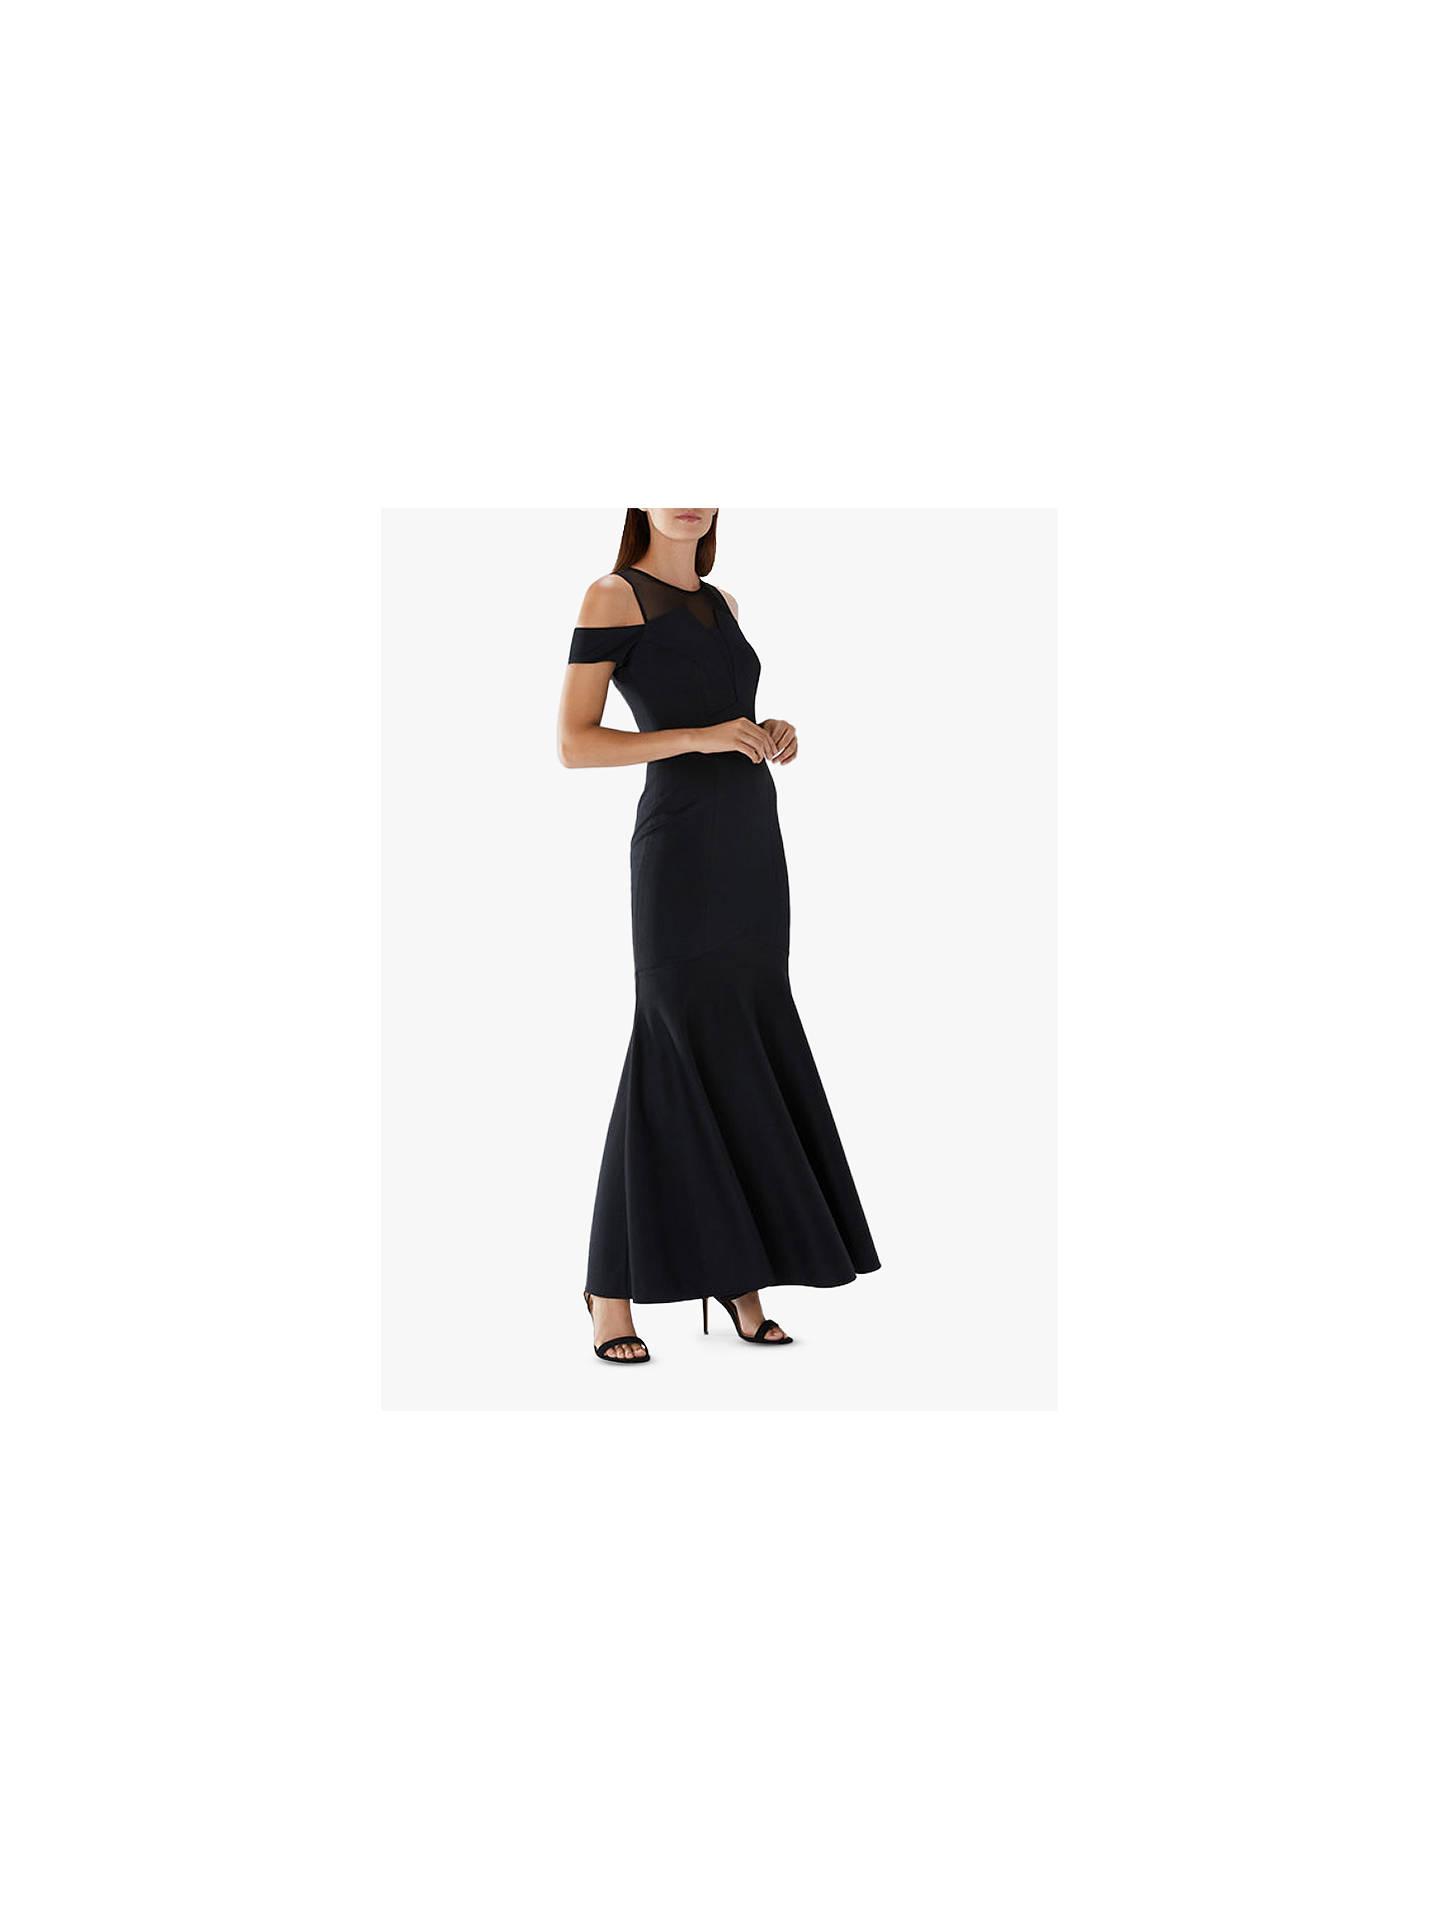 ac80b8c1a59f Buy Coast Lorna Fishtail Maxi Dress, Black, 6 Online at johnlewis.com ...